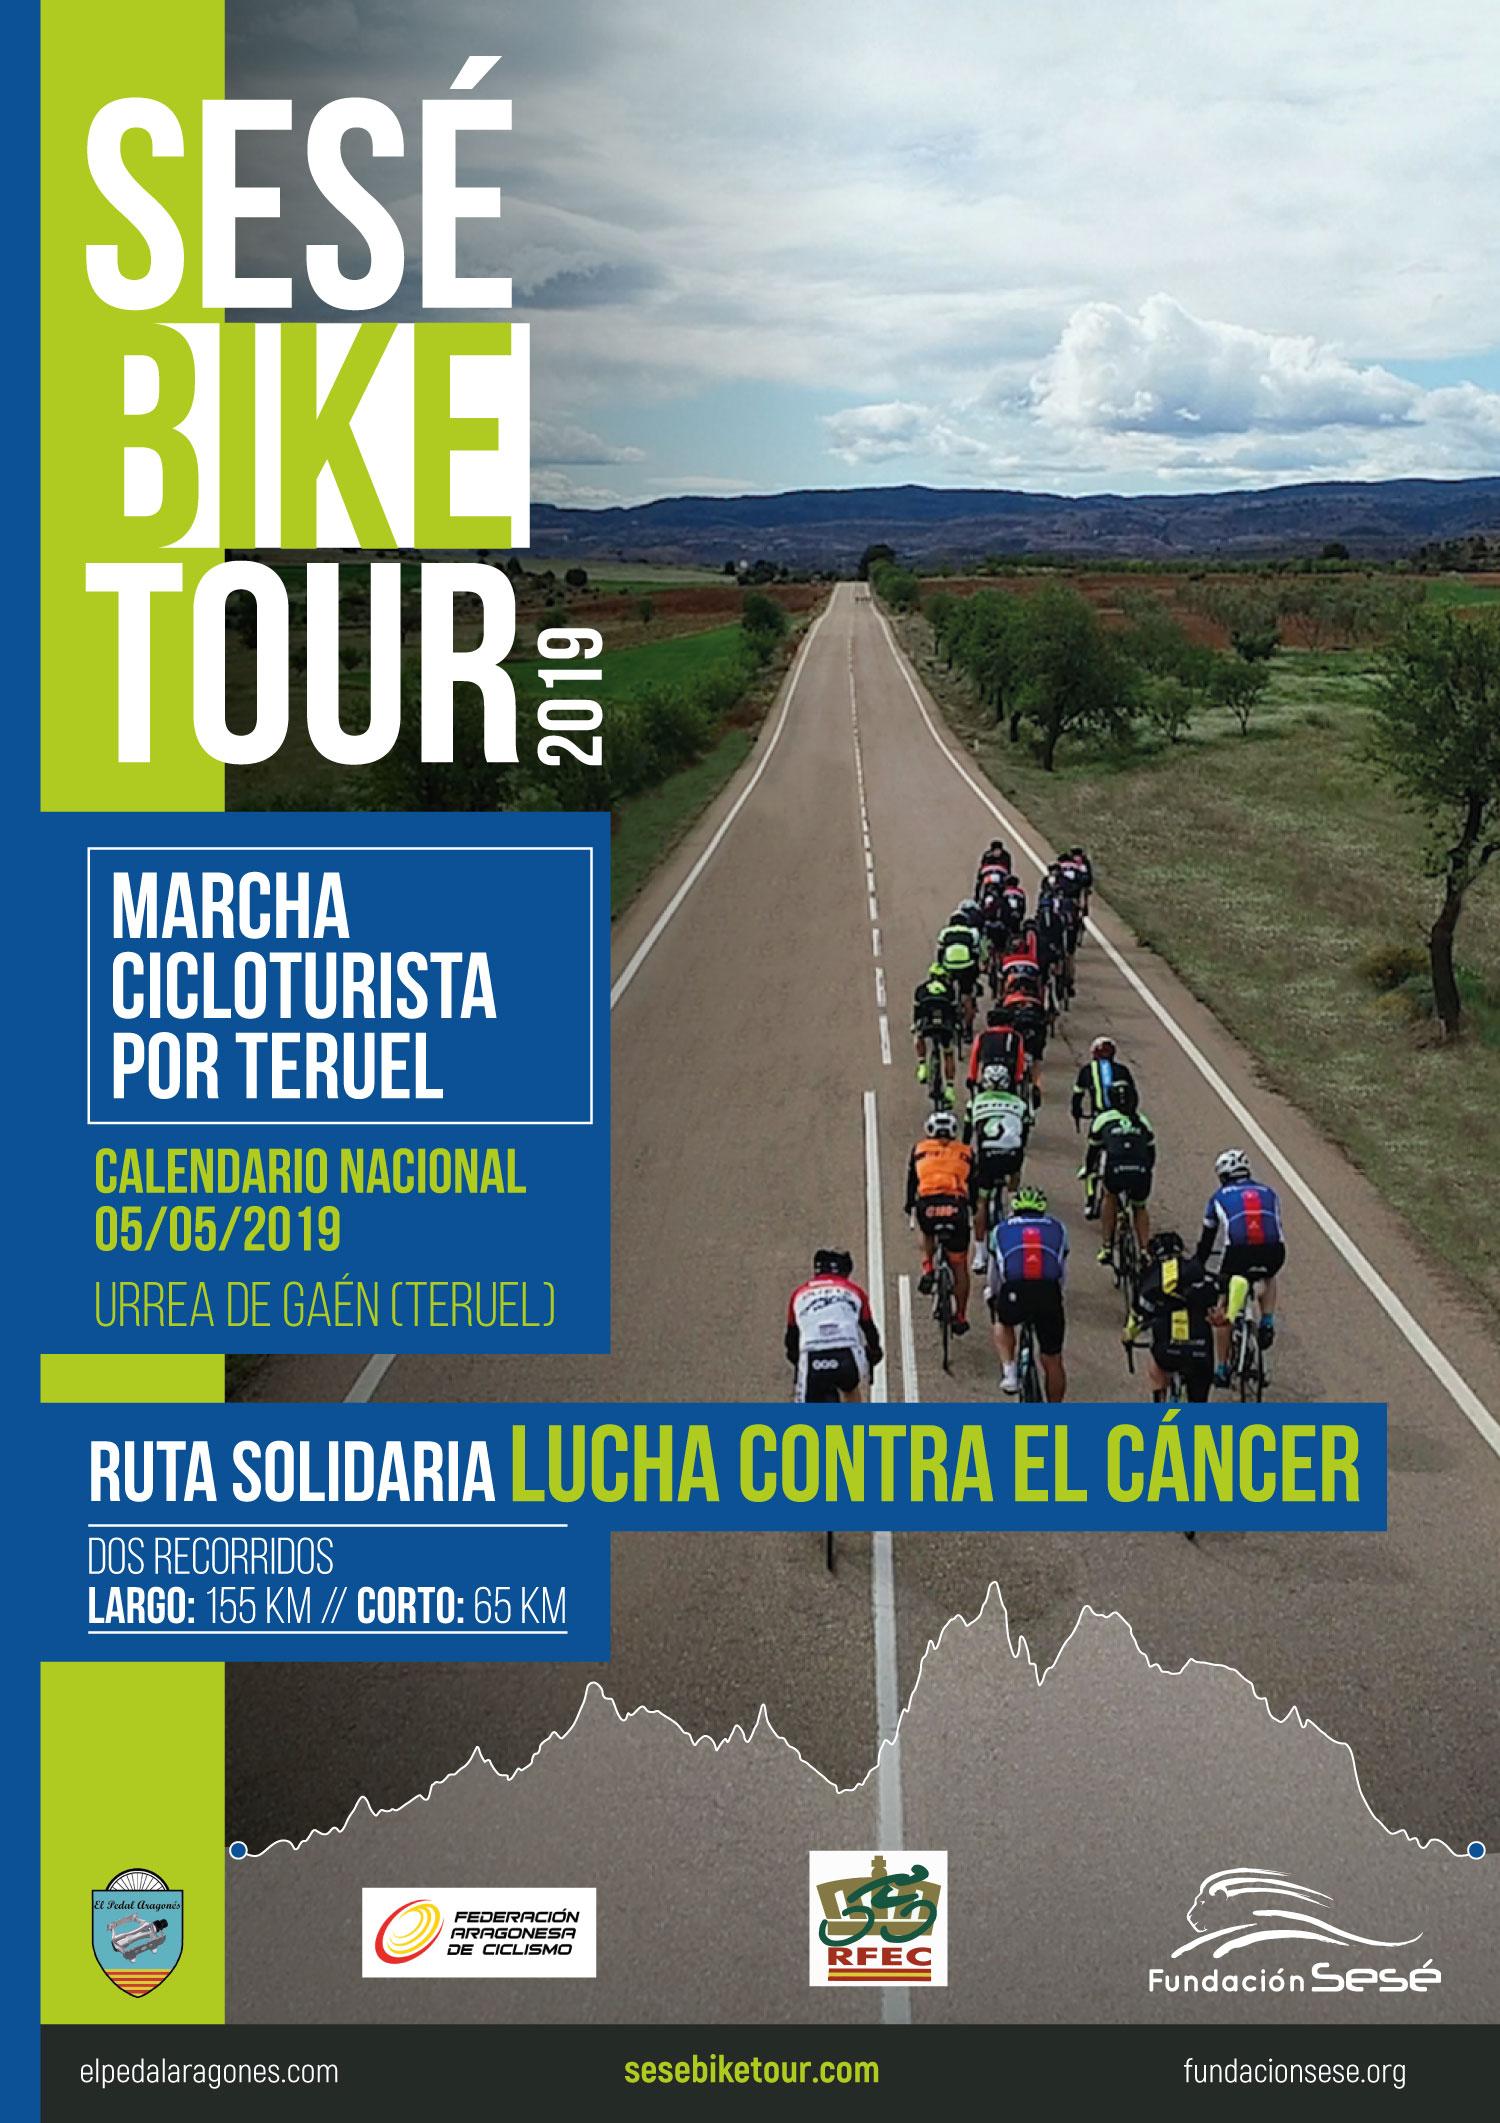 Cartel de la Sesé Bike Tour 2019